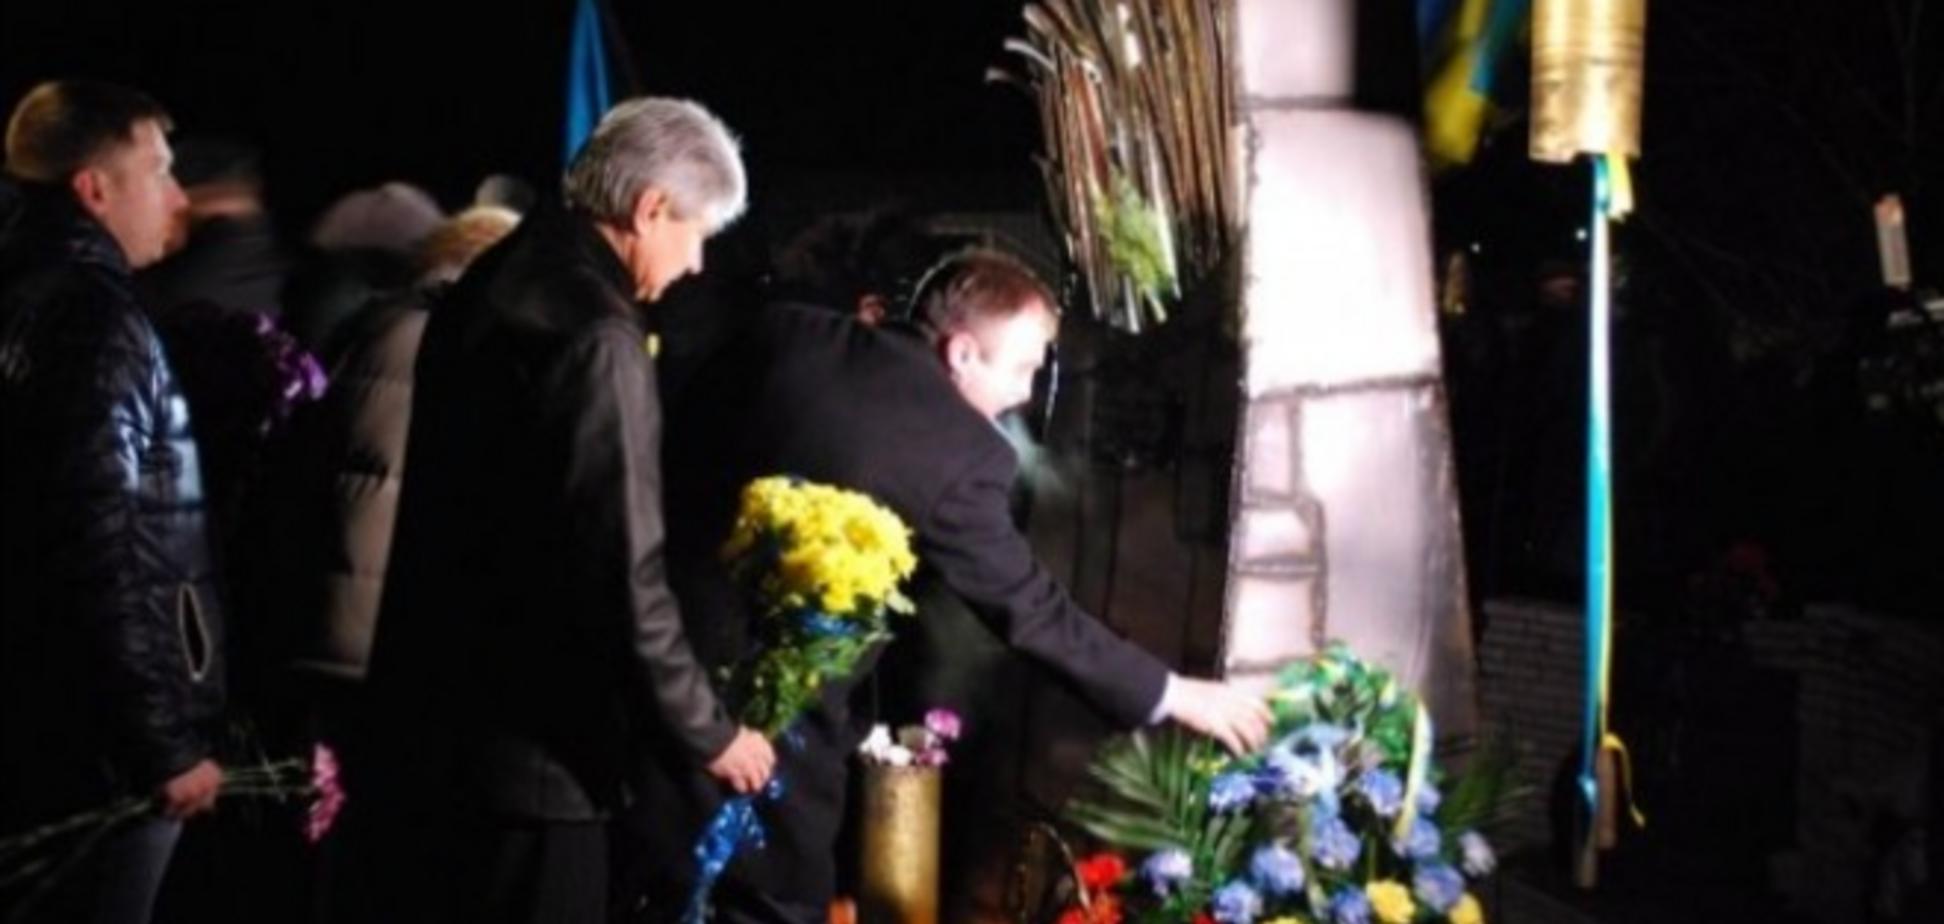 Под Одессой появилась 'Птица Свободы' в честь Небесной сотни и павших в зоне АТО: фото памятника